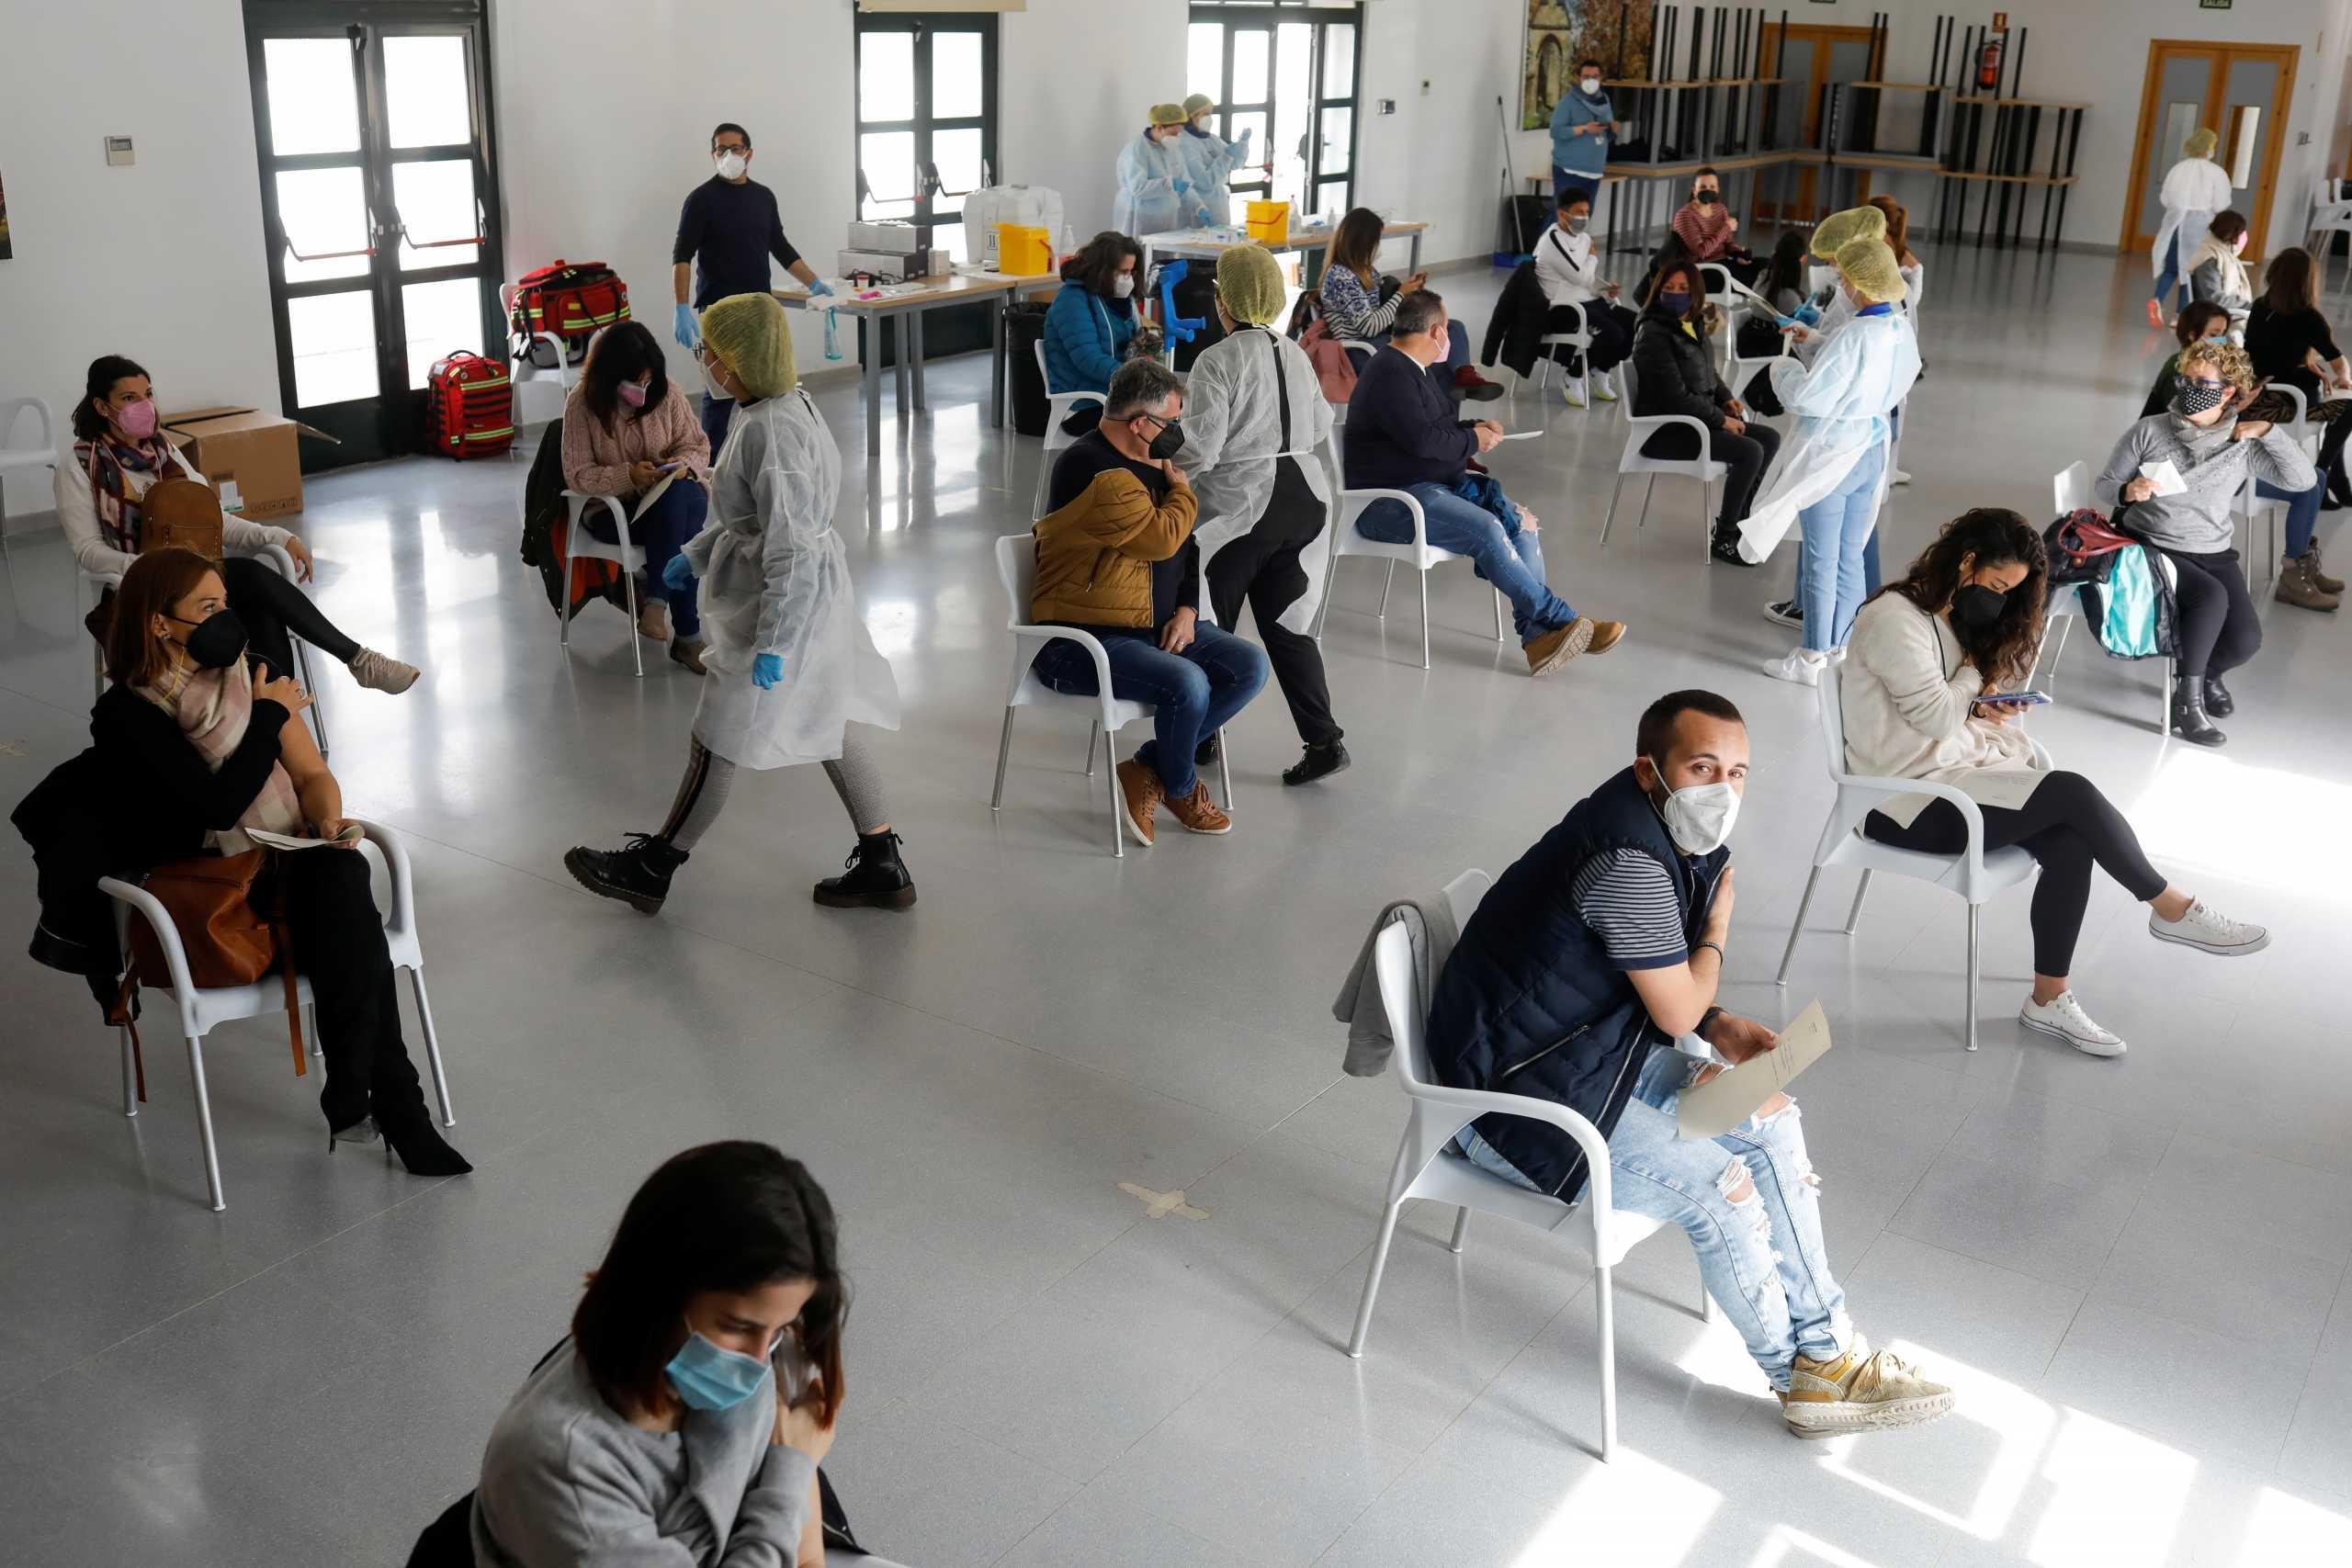 Ισπανία: Ξεκινά και πάλι το εμβόλιο της AstraZeneca – Eπεκτείνει η χρήση και για τους έως 65 ετών